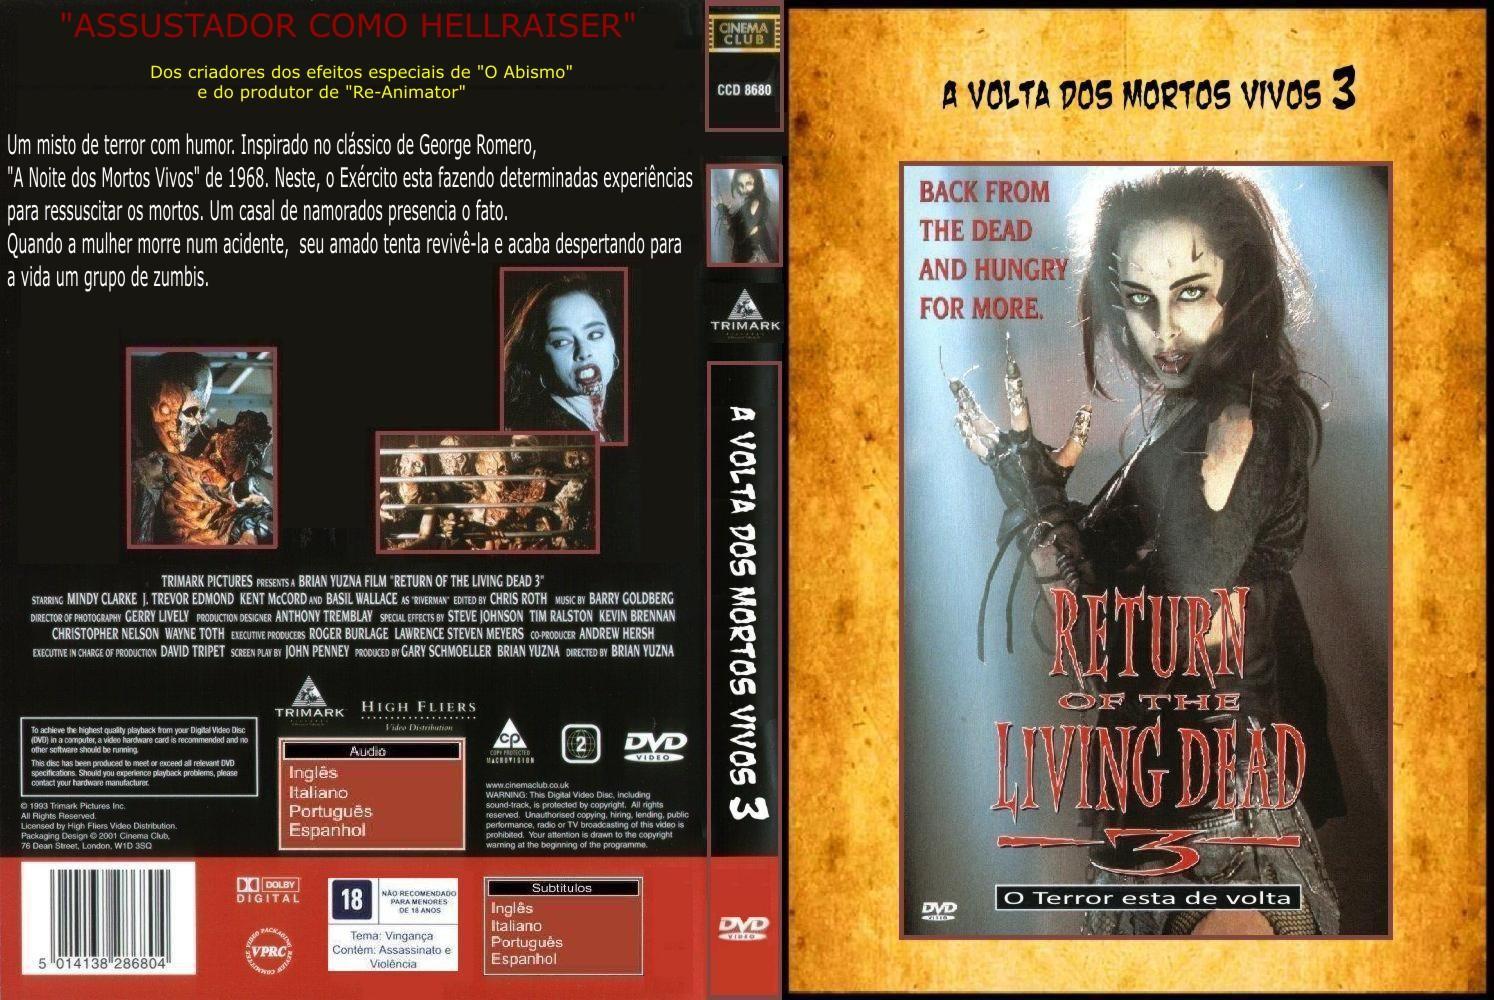 Filme Mortos Vivos throughout a volta dos mortos vivos parte 3 - capas covers - capas de filmes